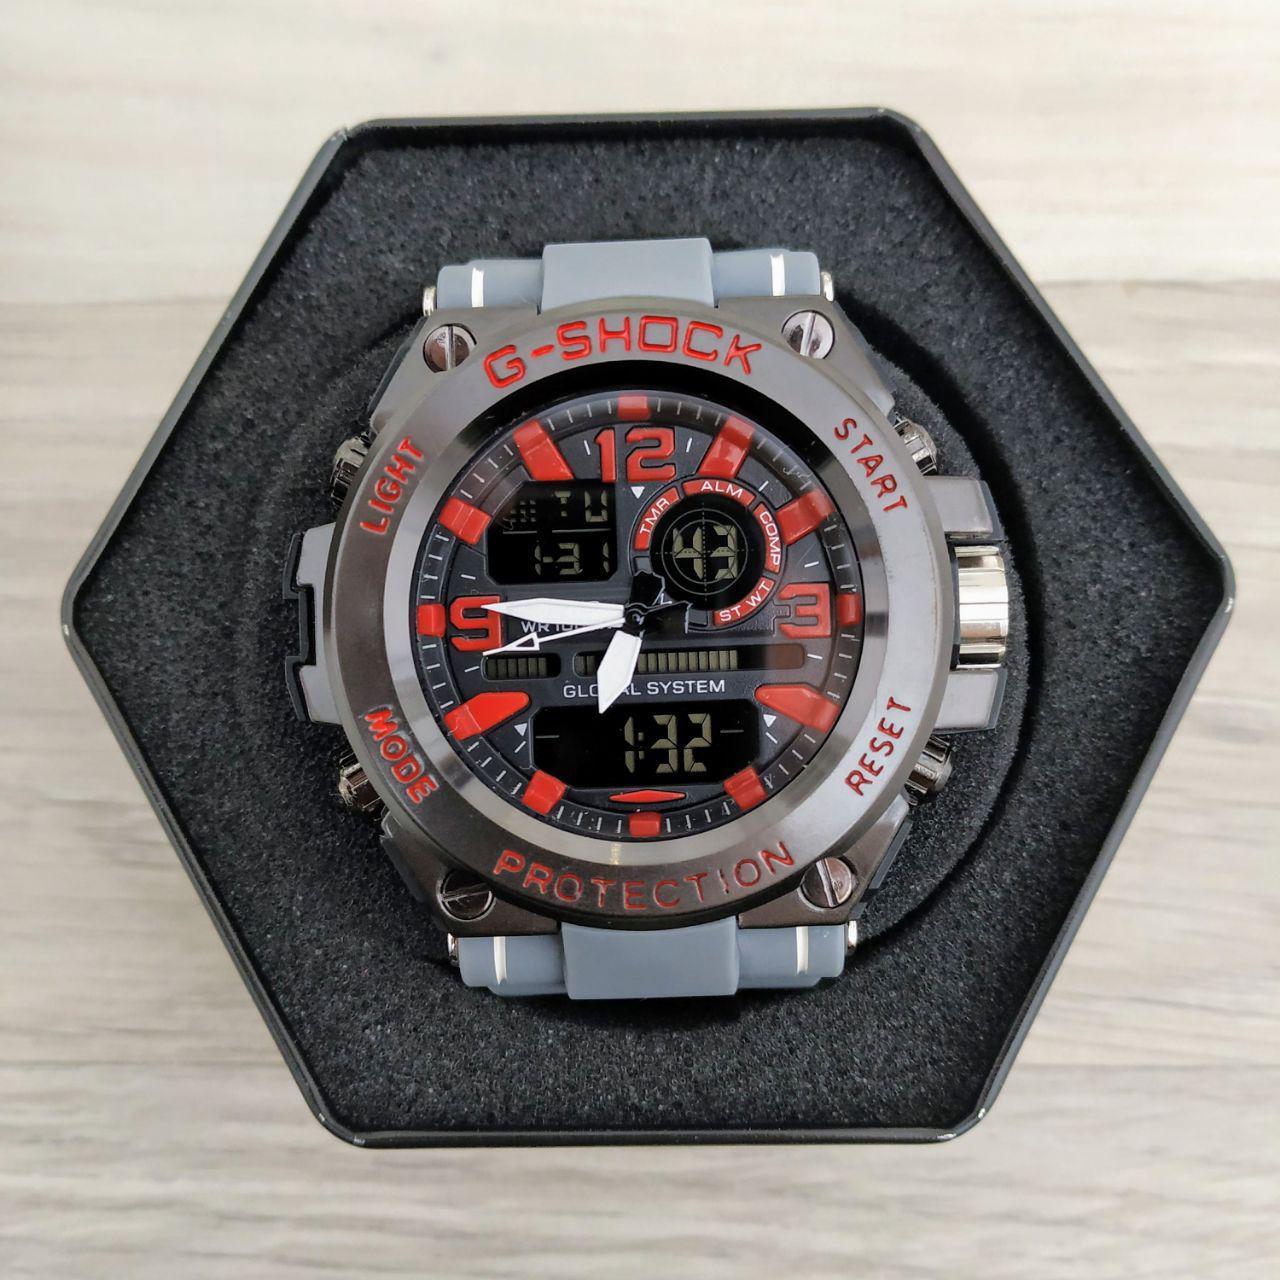 Наручные мужские часы Casio GLG-1000 Gray-Black-Red